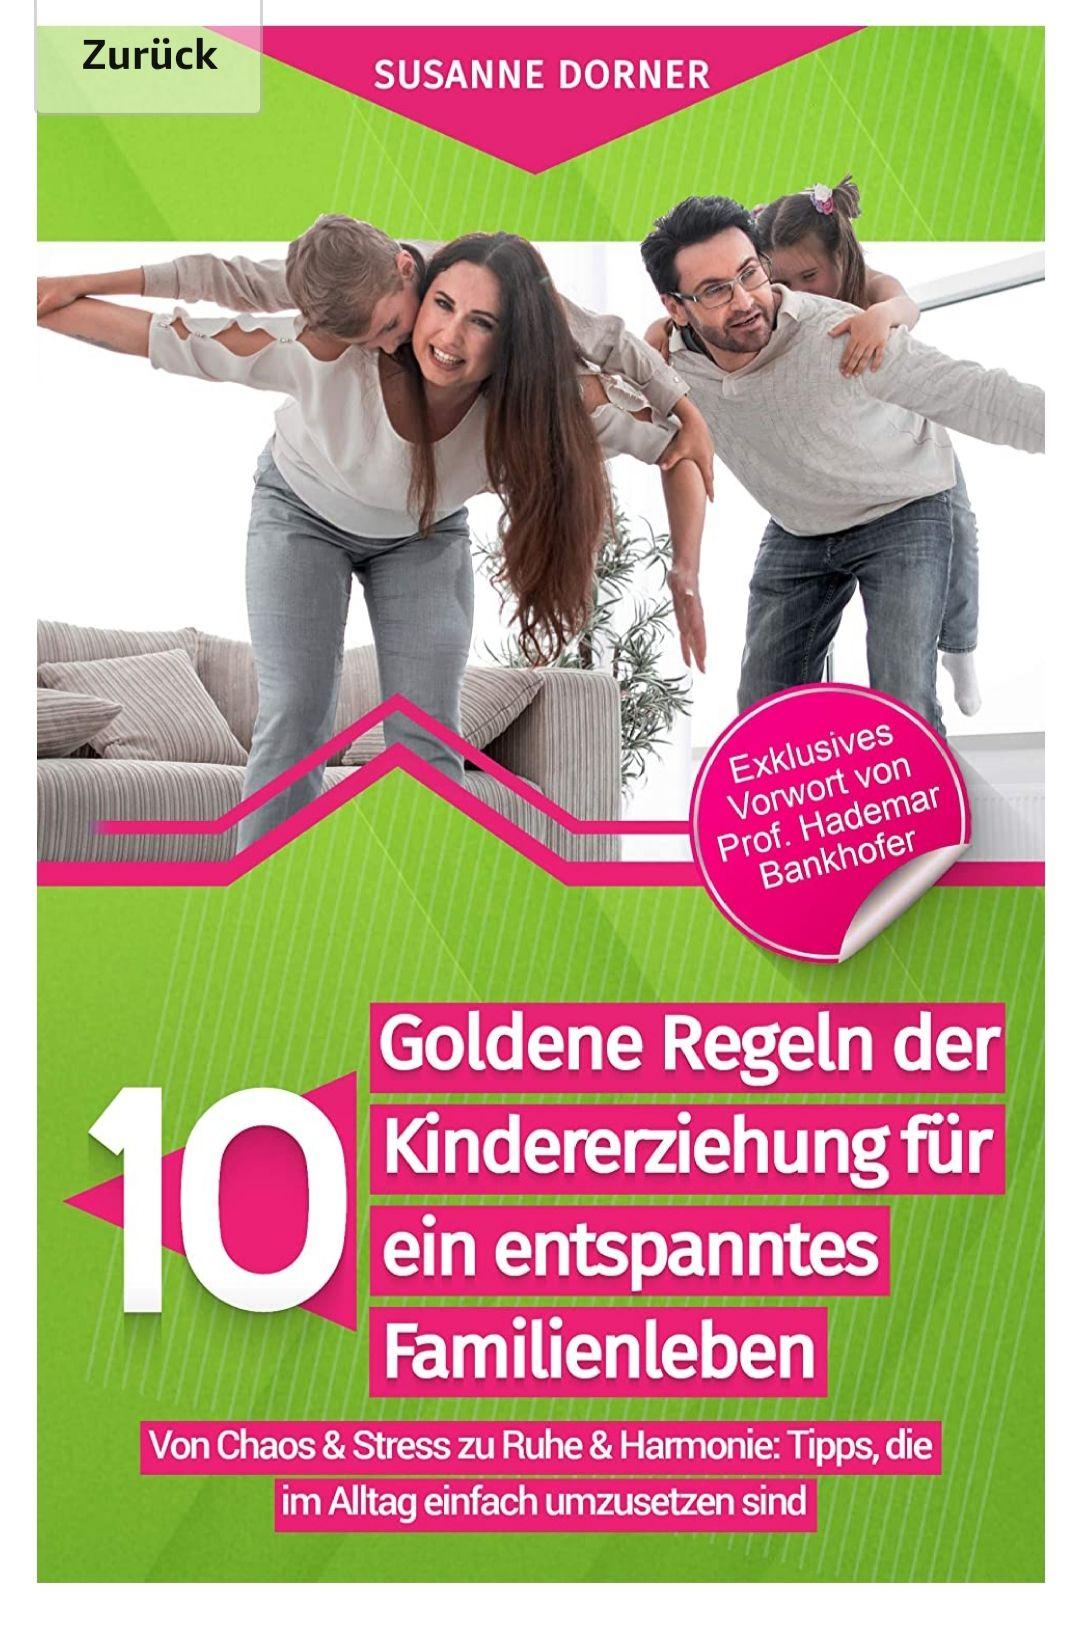 Ebook - 10 goldene Regeln der Kindererziehung für ein entspanntes Familienleben